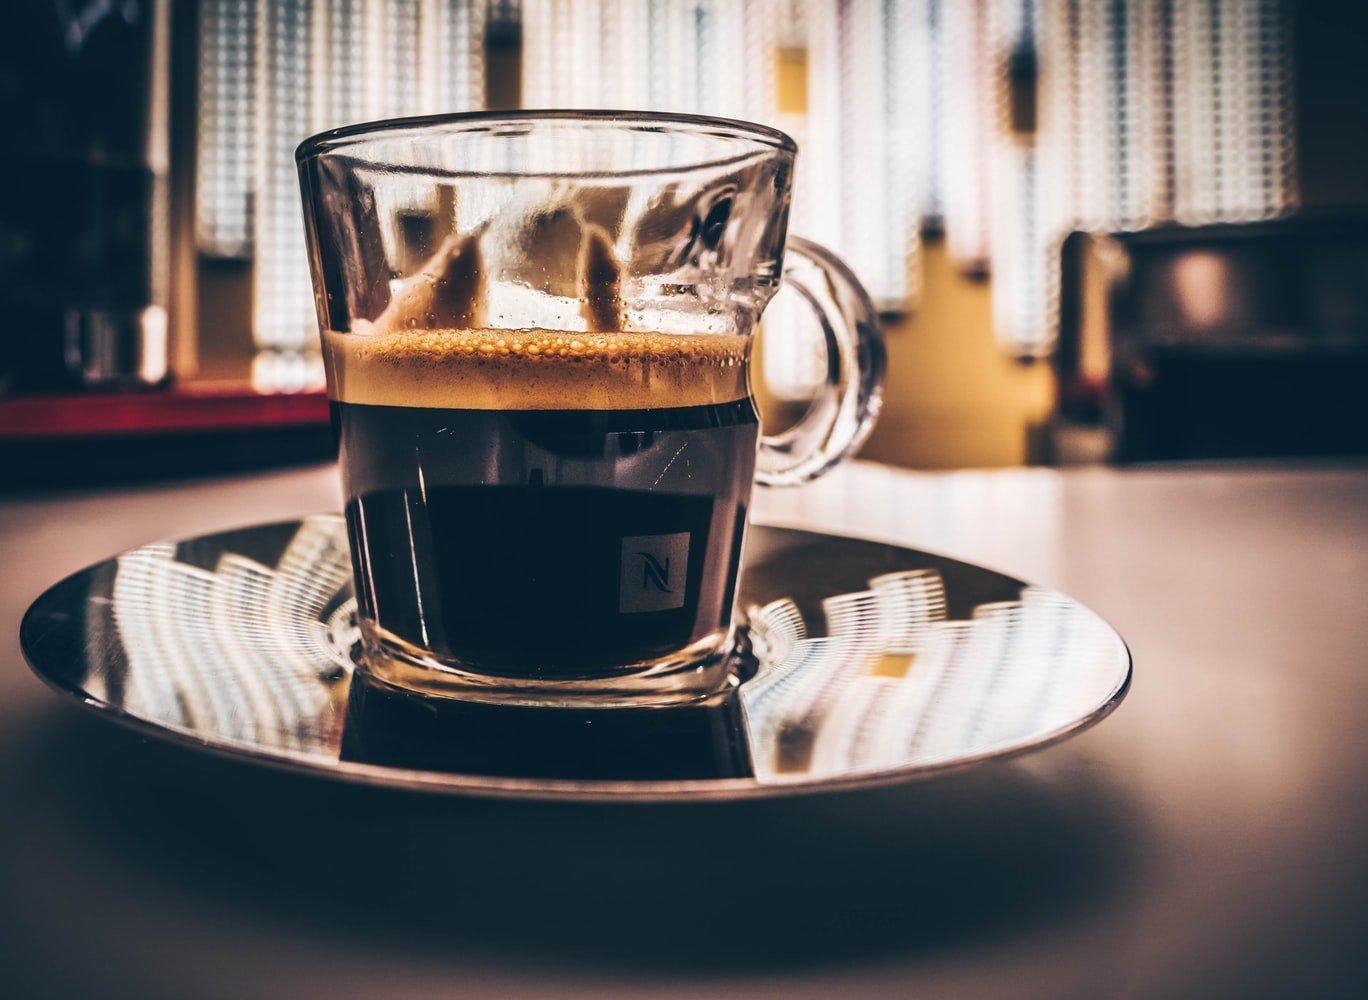 Nespresso vs Espresso (Review and Comparison)